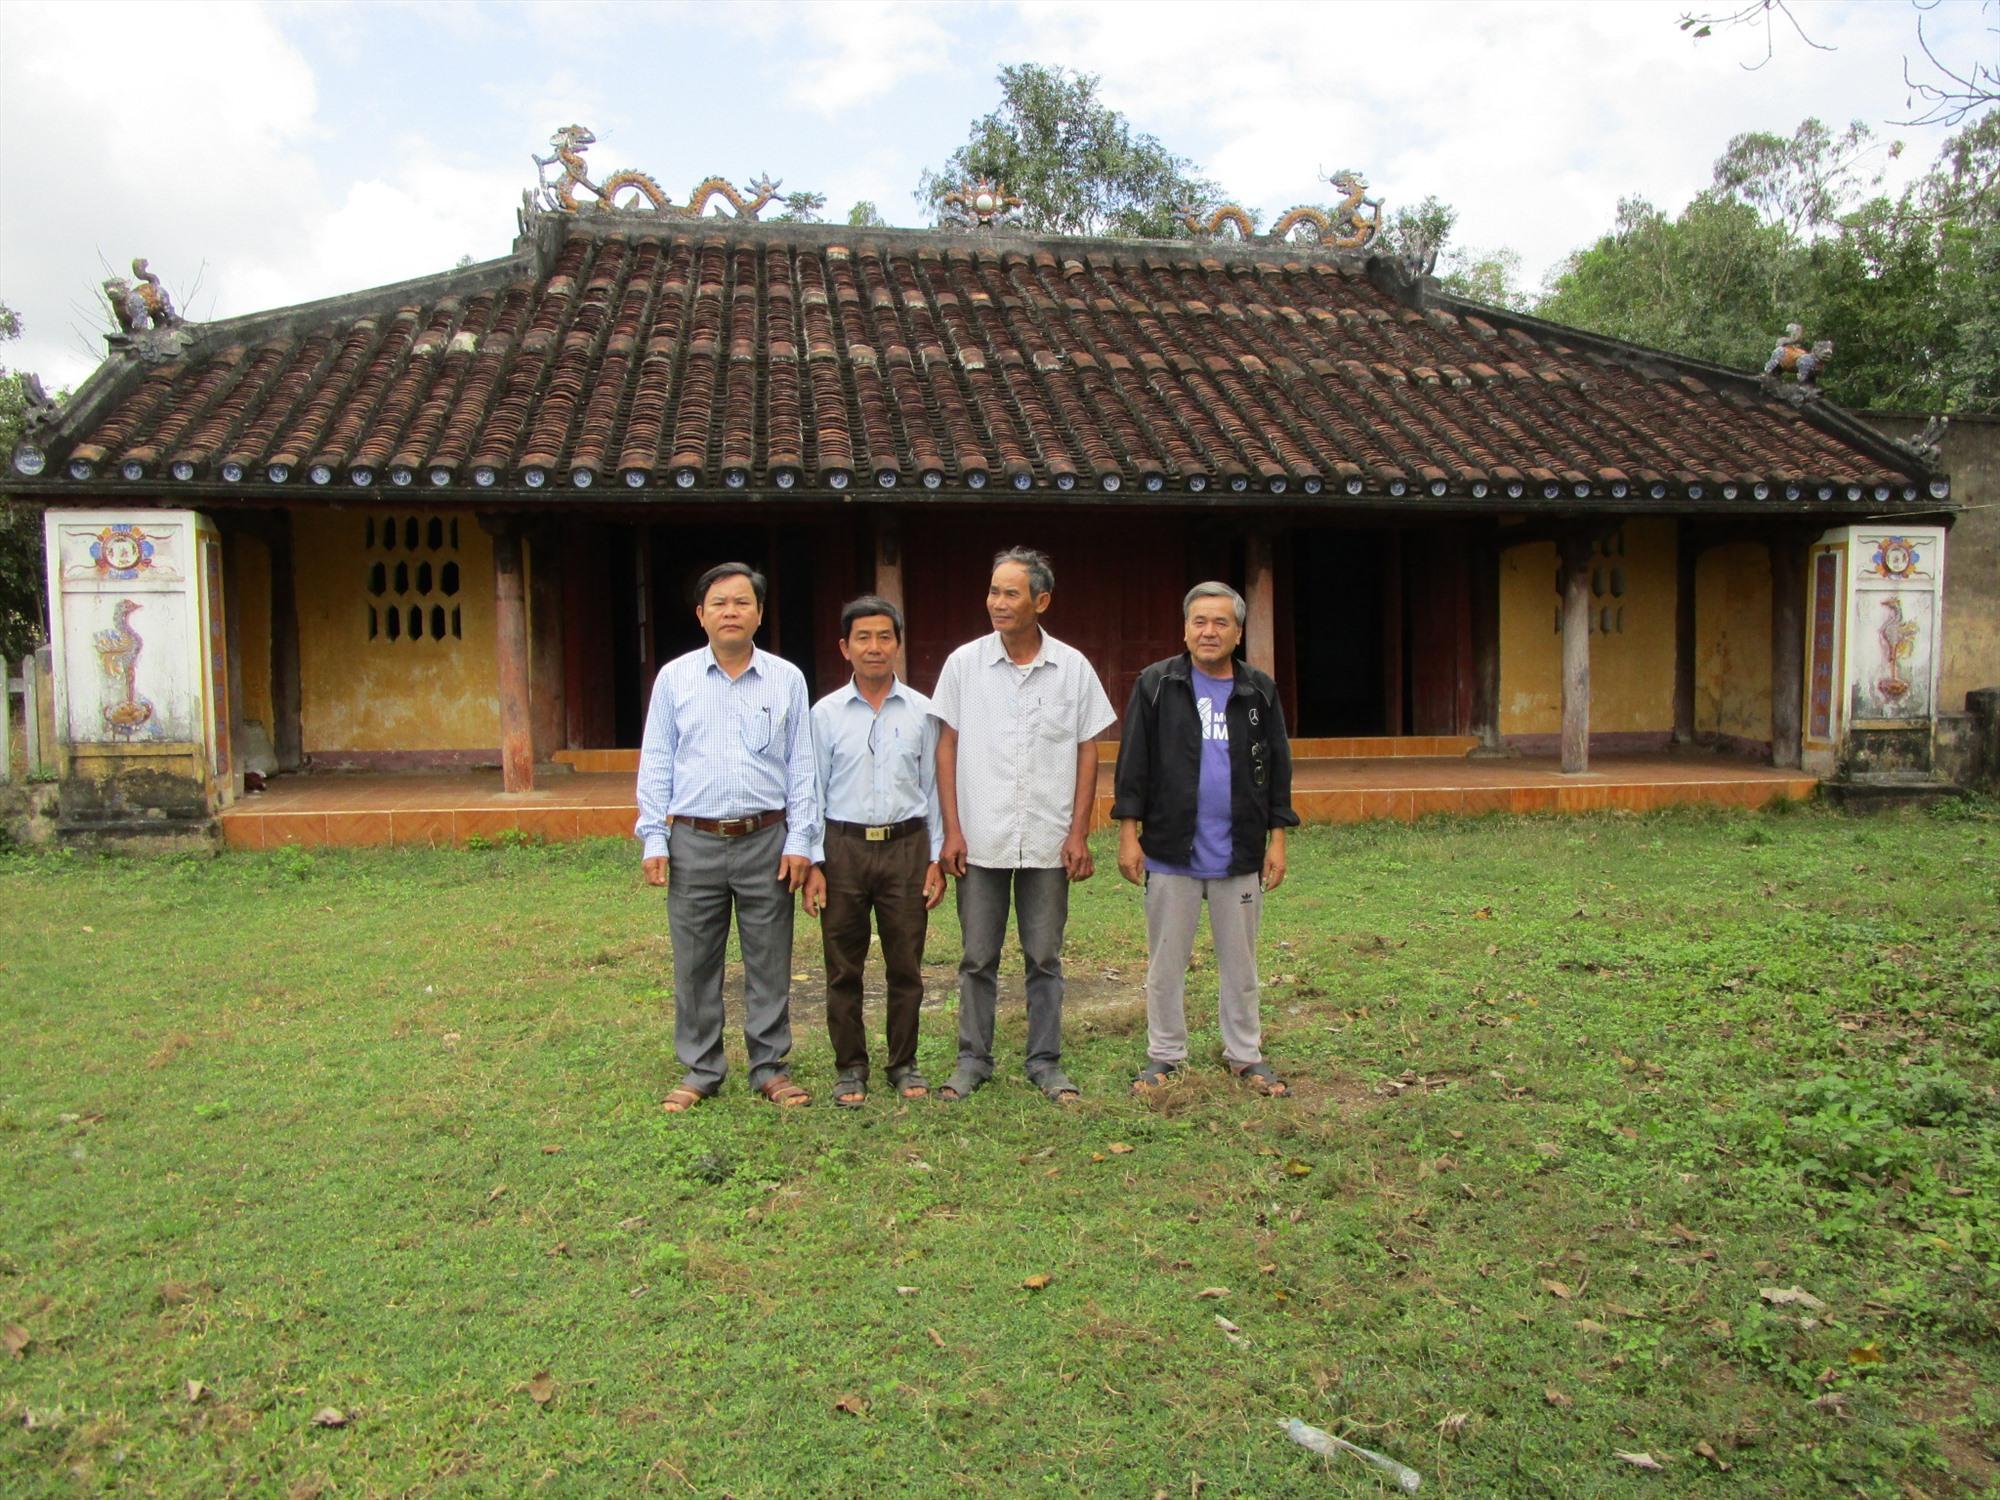 Dân địa phương trước đình làng Địch Thái. Ảnh: PHÚ BÌNH